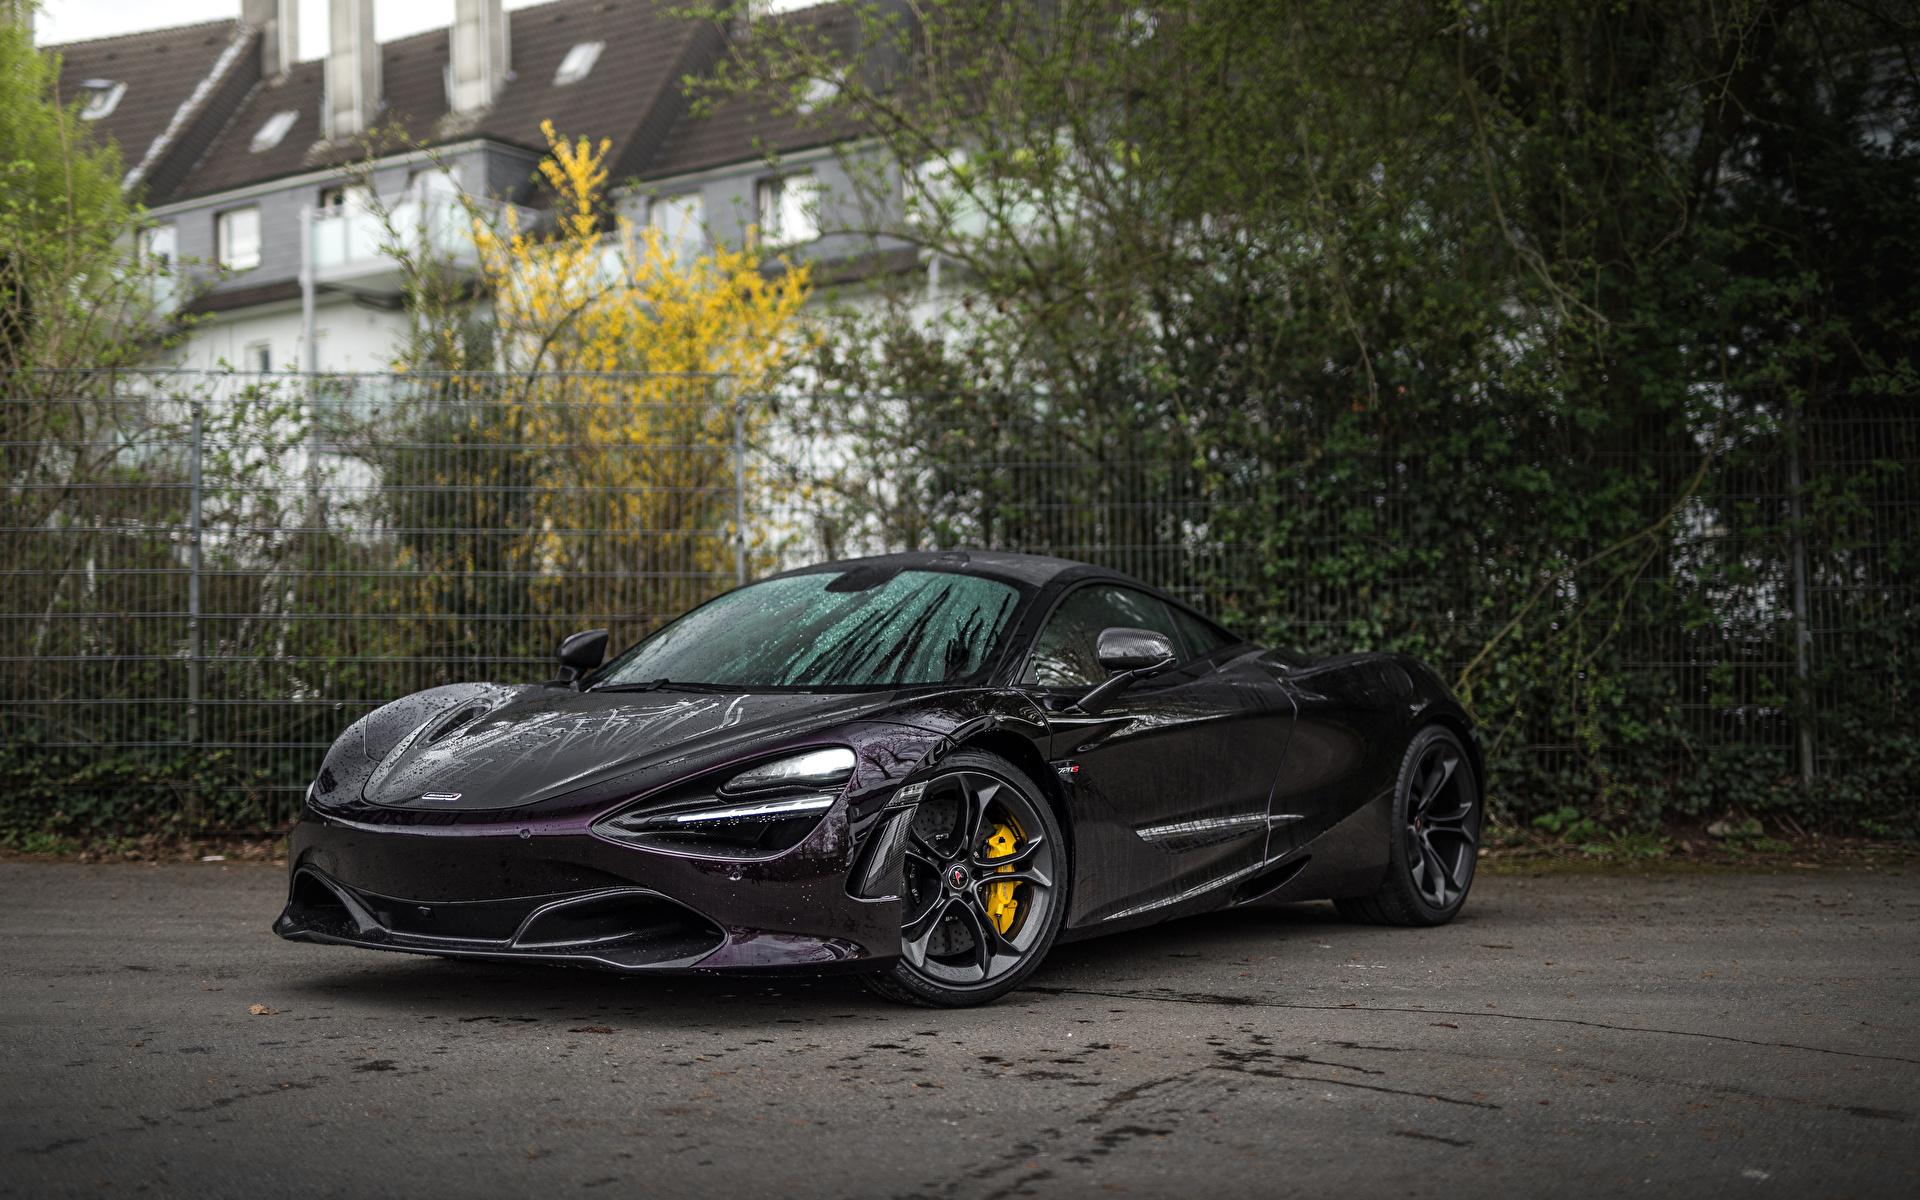 Фотография 2018-20 Manhart McLaren 720S Черный машина Металлик 1920x1200 Макларен черная черные черных авто машины Автомобили автомобиль